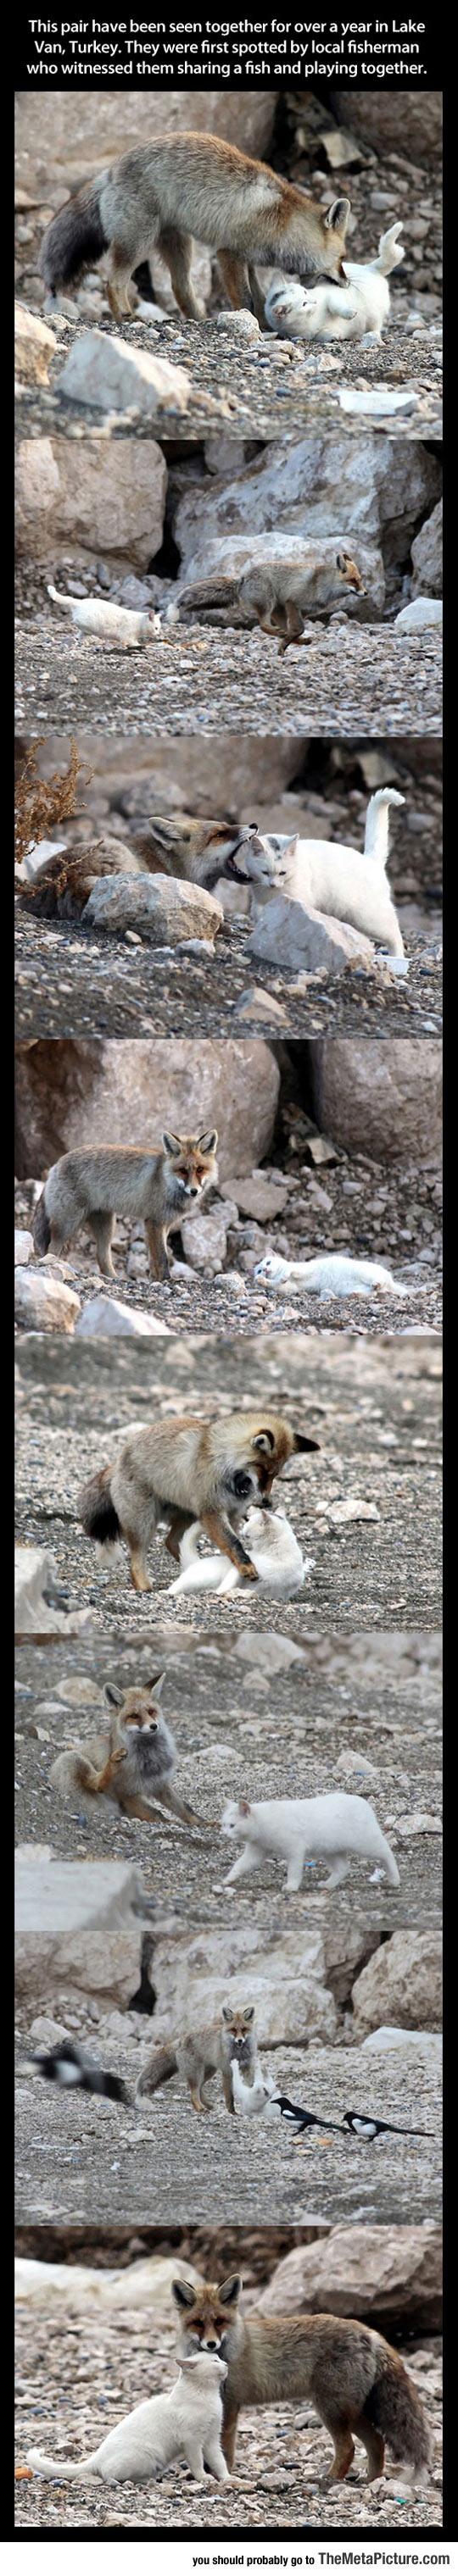 cute-cat-fox-friends-lake